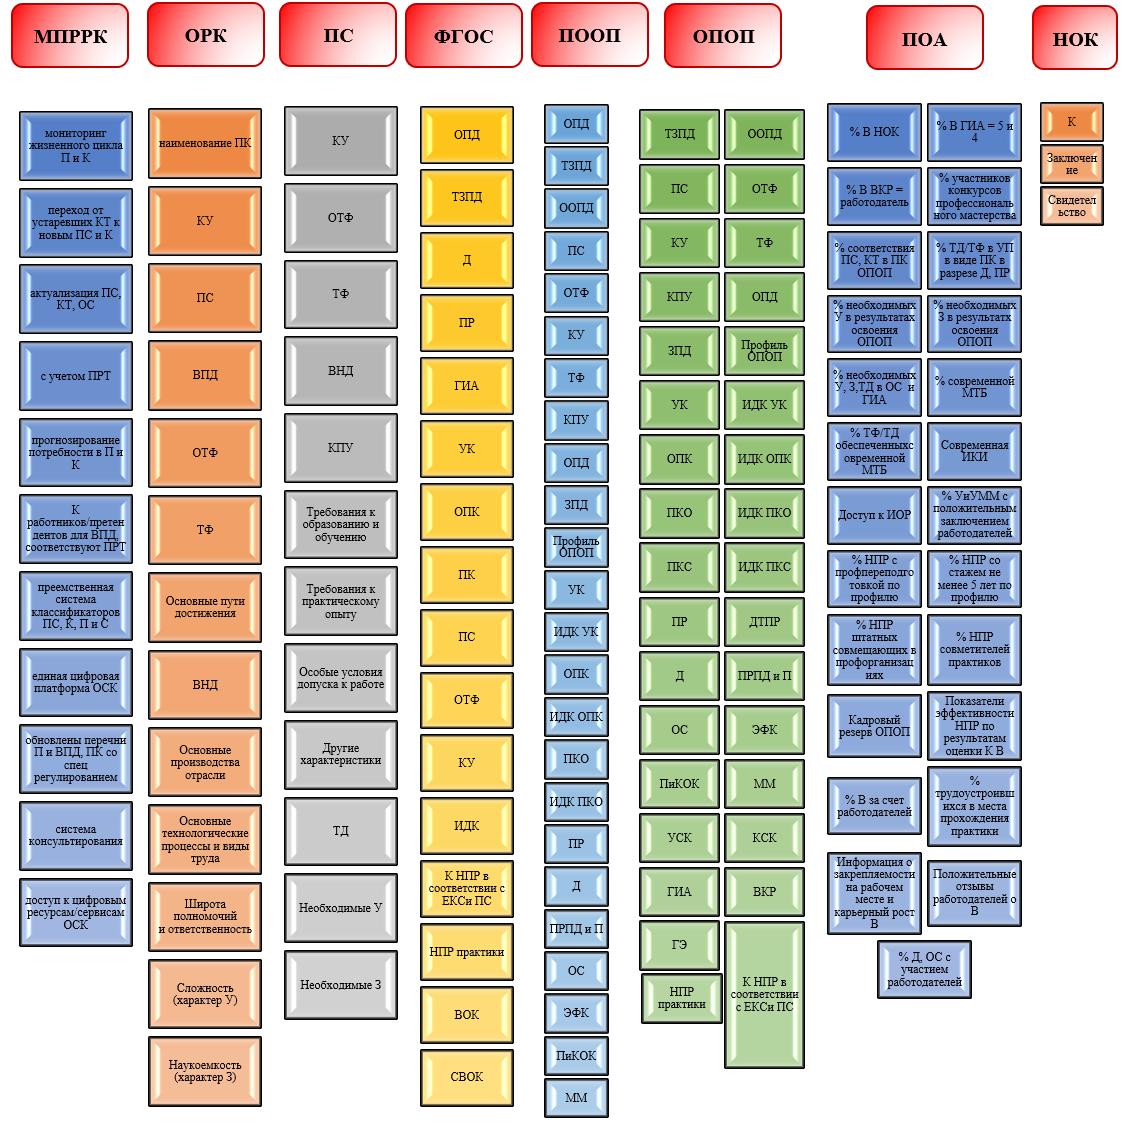 word image 484 Формирование отраслевой системы профессиональных квалификаций АПК для выполнения Стратегии развития аграрного образования